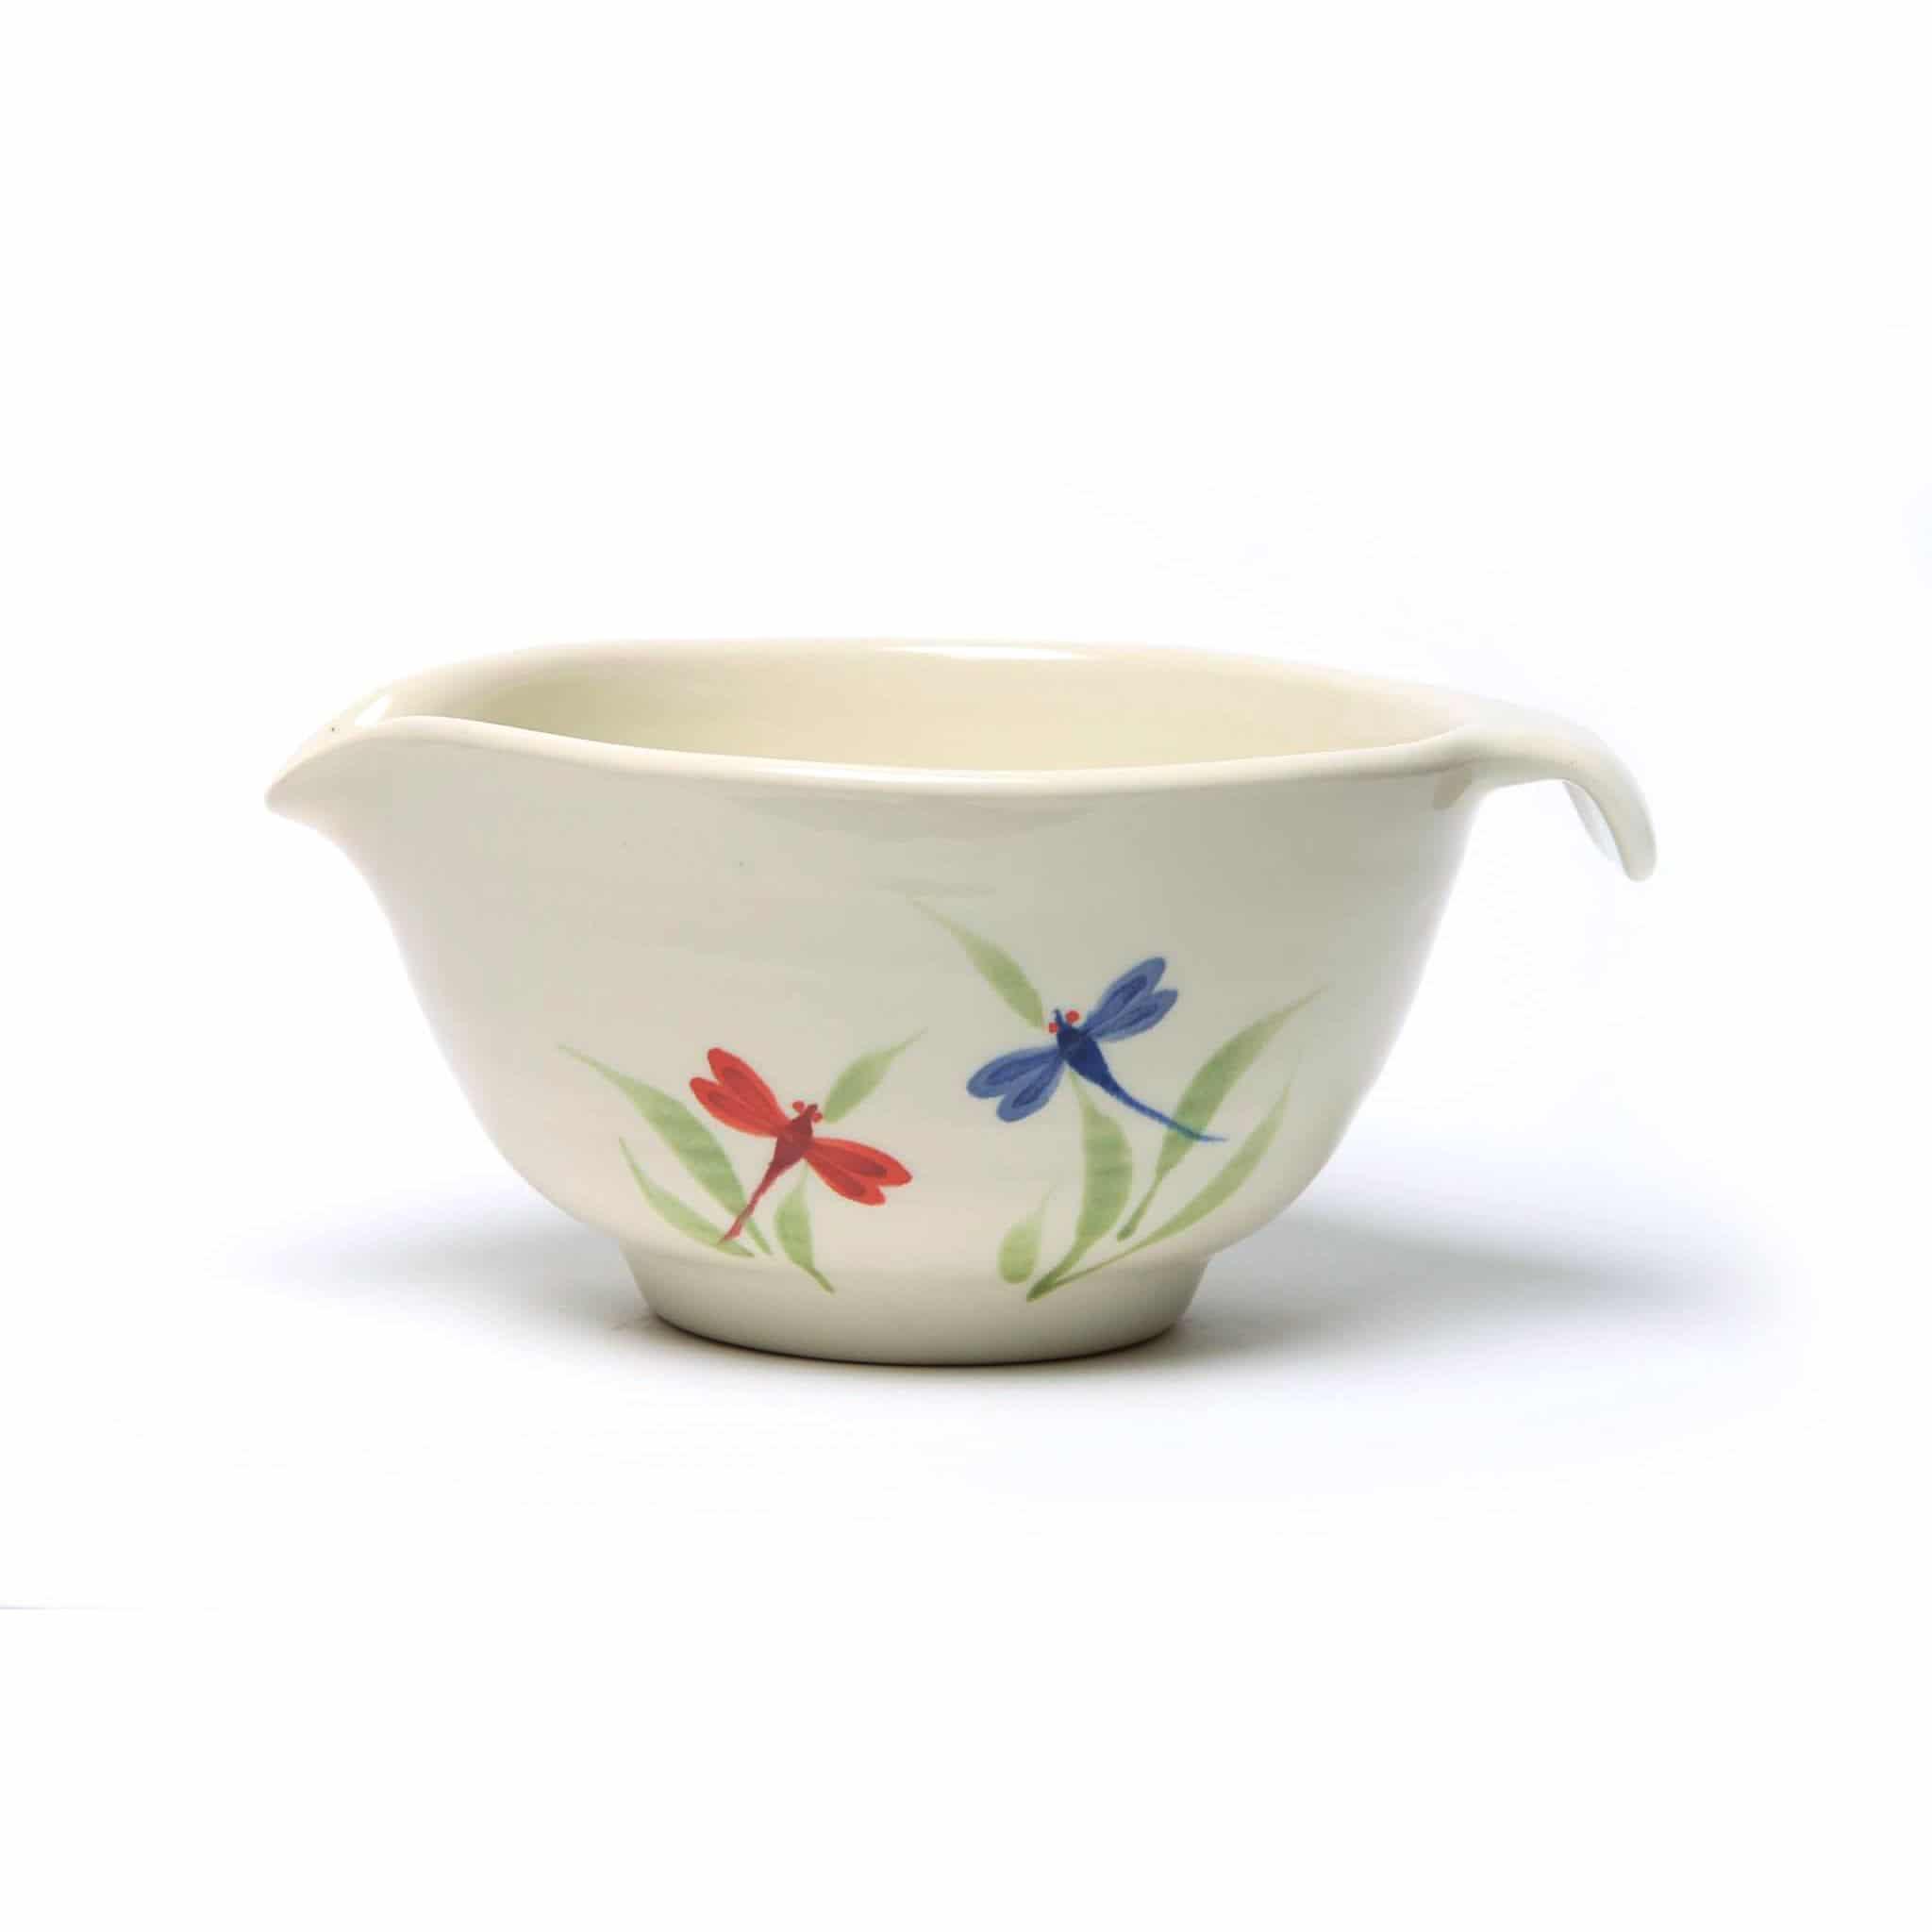 Dragonfly Batter Bowl